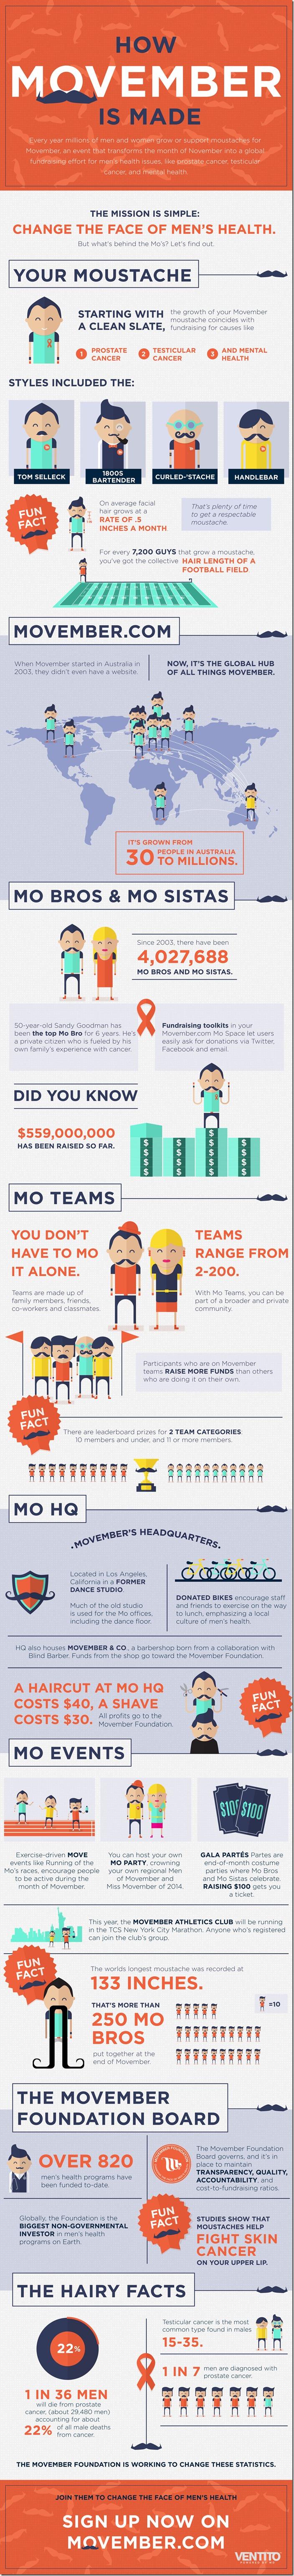 Movemeber infogrpahic_fin